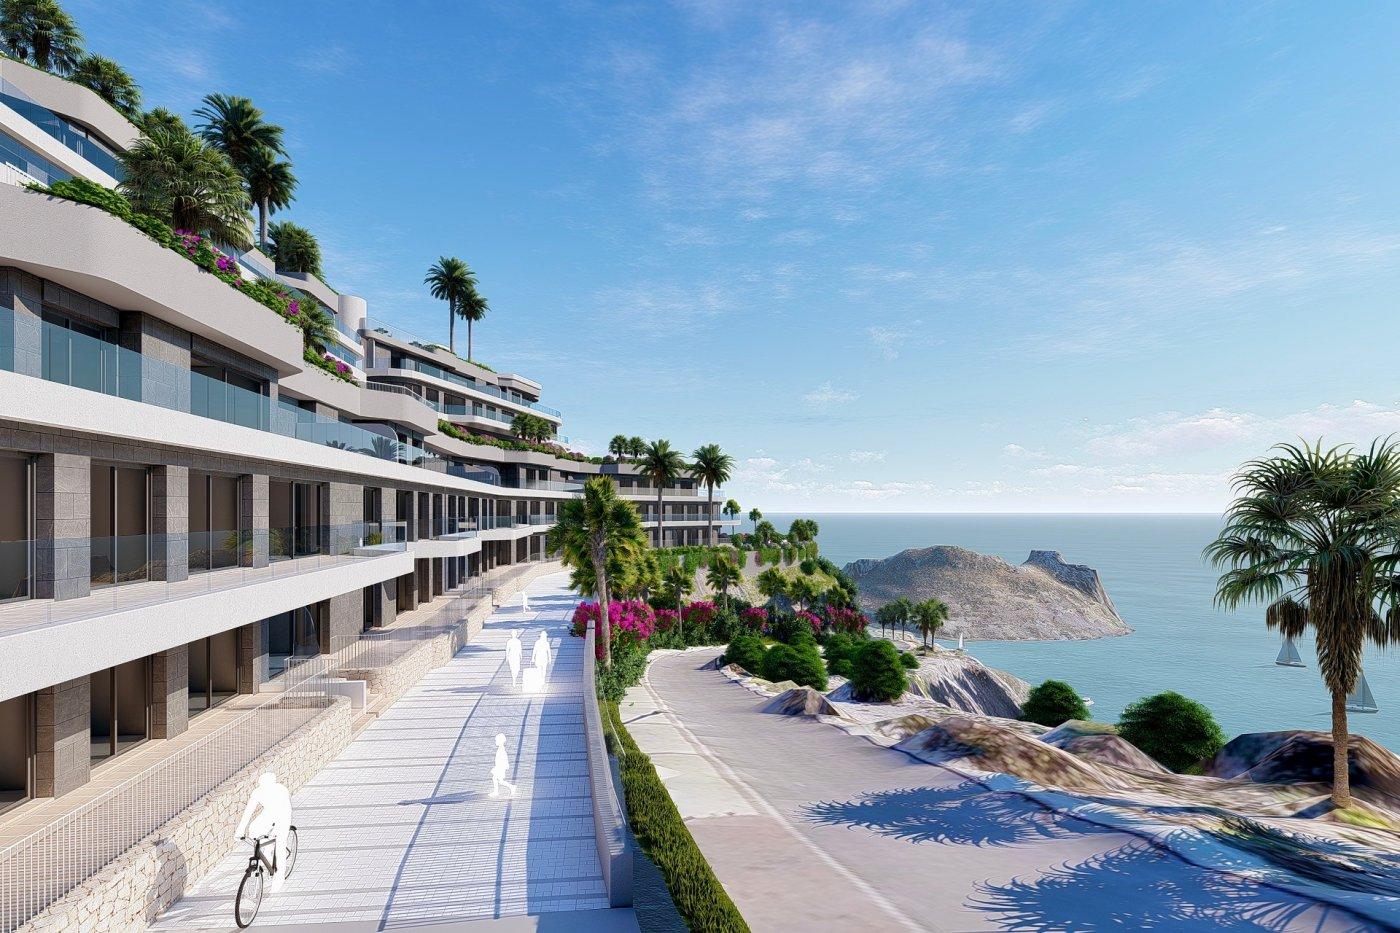 Galleribillede 14 of Vildt lækker 2 værelses luksus penthouse lejlighed med fantastisk udsigt og 59 m2 solterrasse